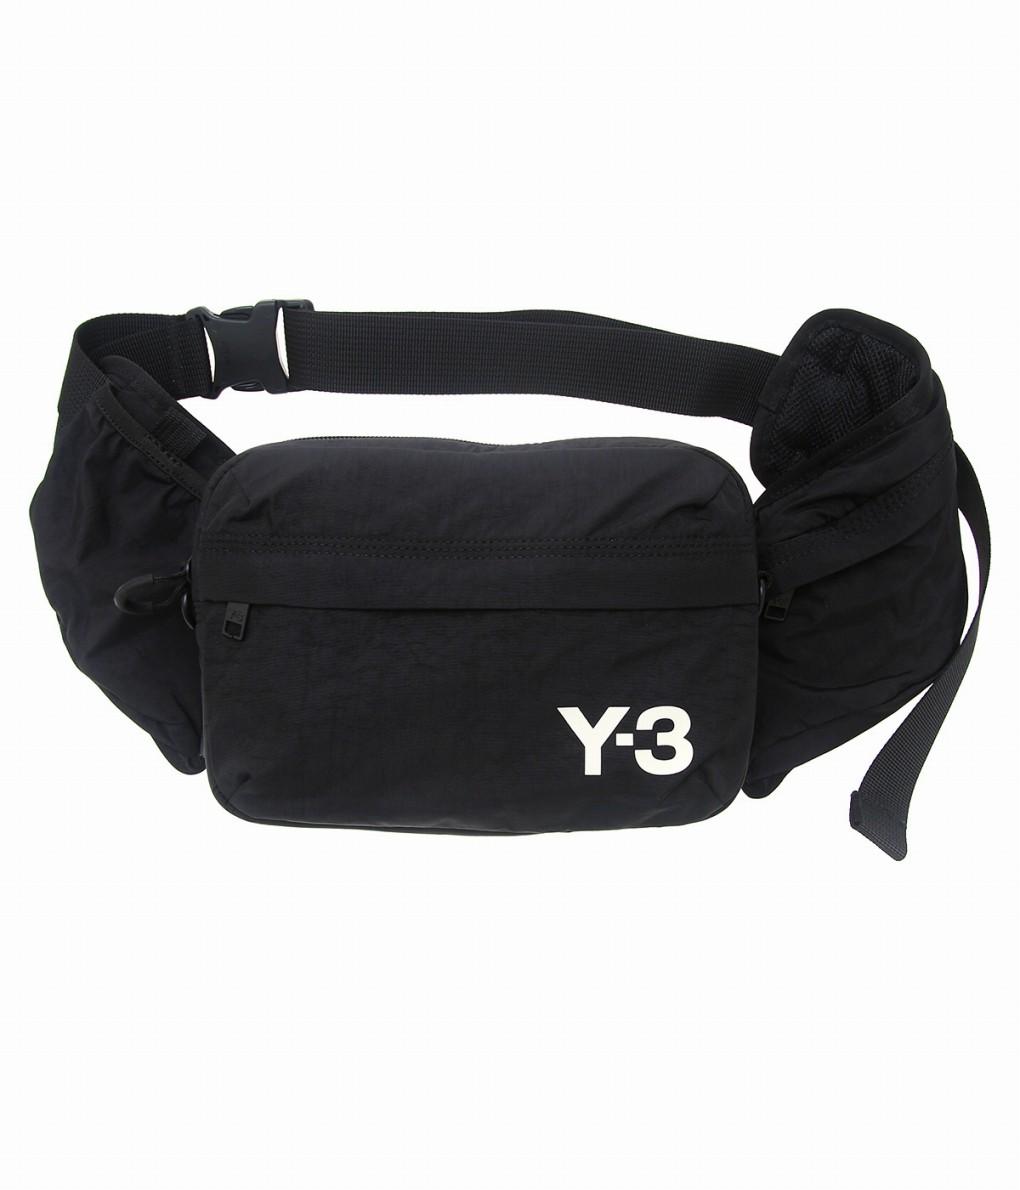 Y-3 / ワイスリー : SLING BAG : スリング バッグ ヨウジヤマモト ワイスリー 19AW 19秋冬 メンズ : FH9244 【WAX】